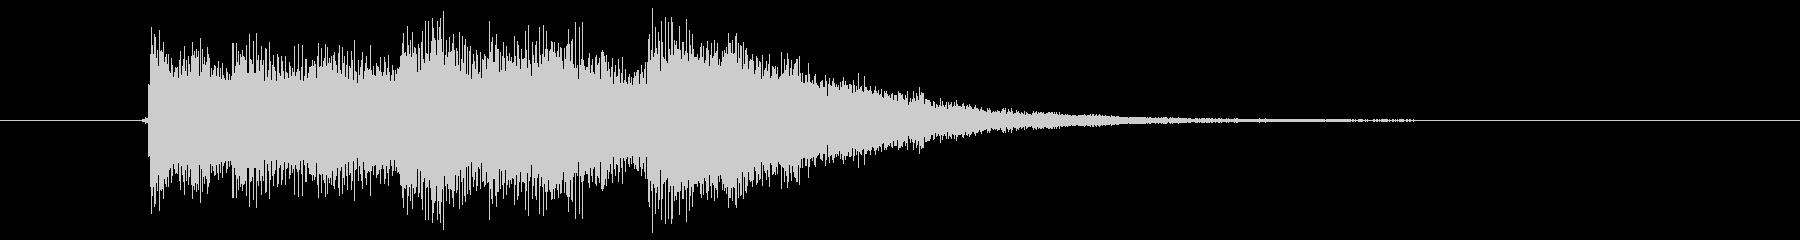 チャラララン(登場、CM、番組)の未再生の波形